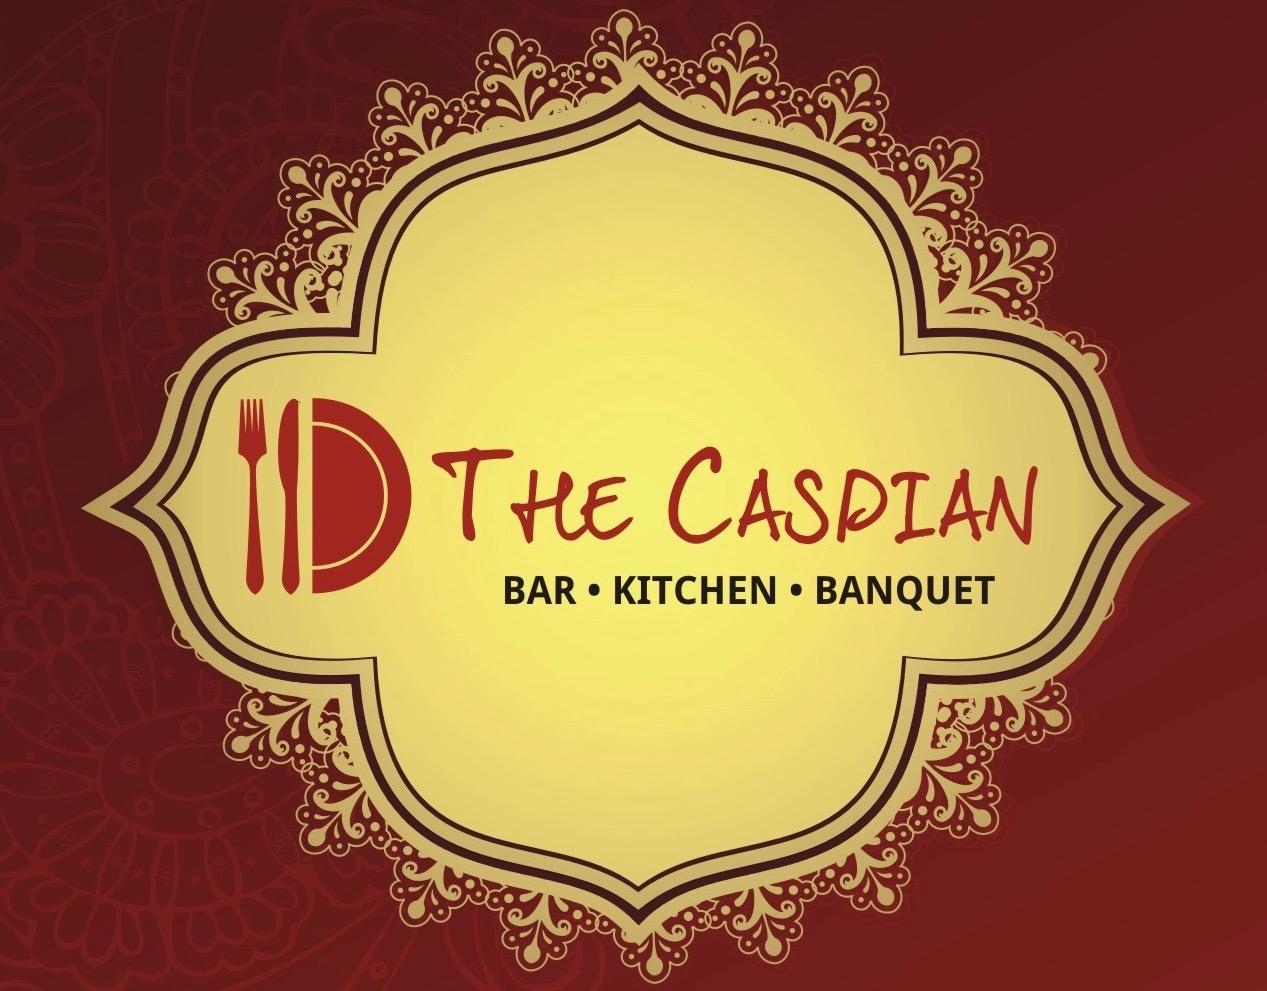 The Caspian Bar Kitchen Banquet